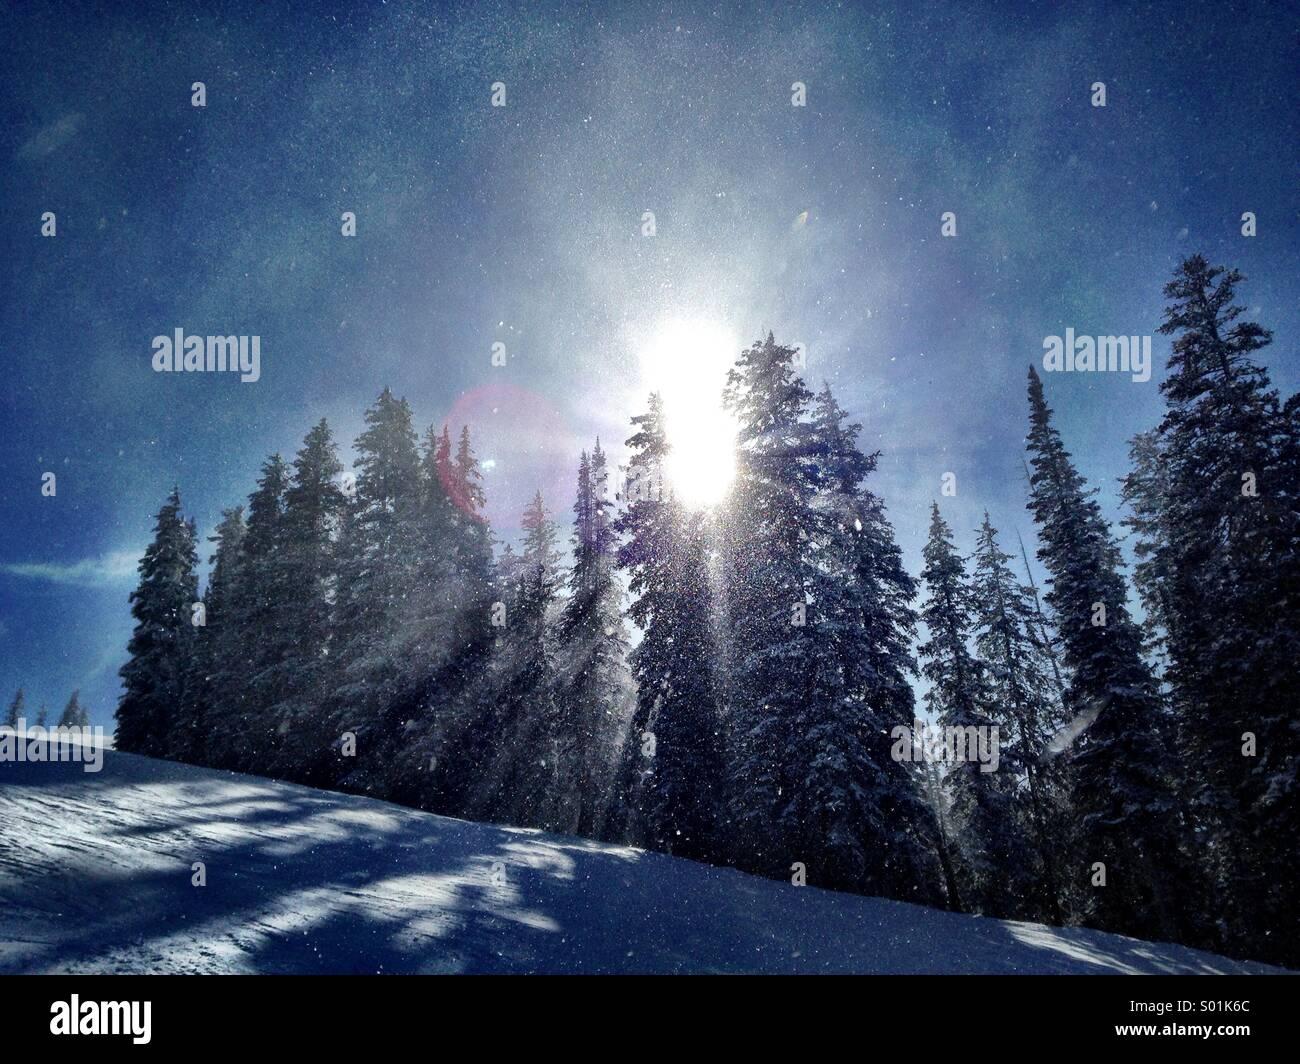 Kristalline Schnee glitzert im Sonnenlicht in winterlichen Utah. Stockbild